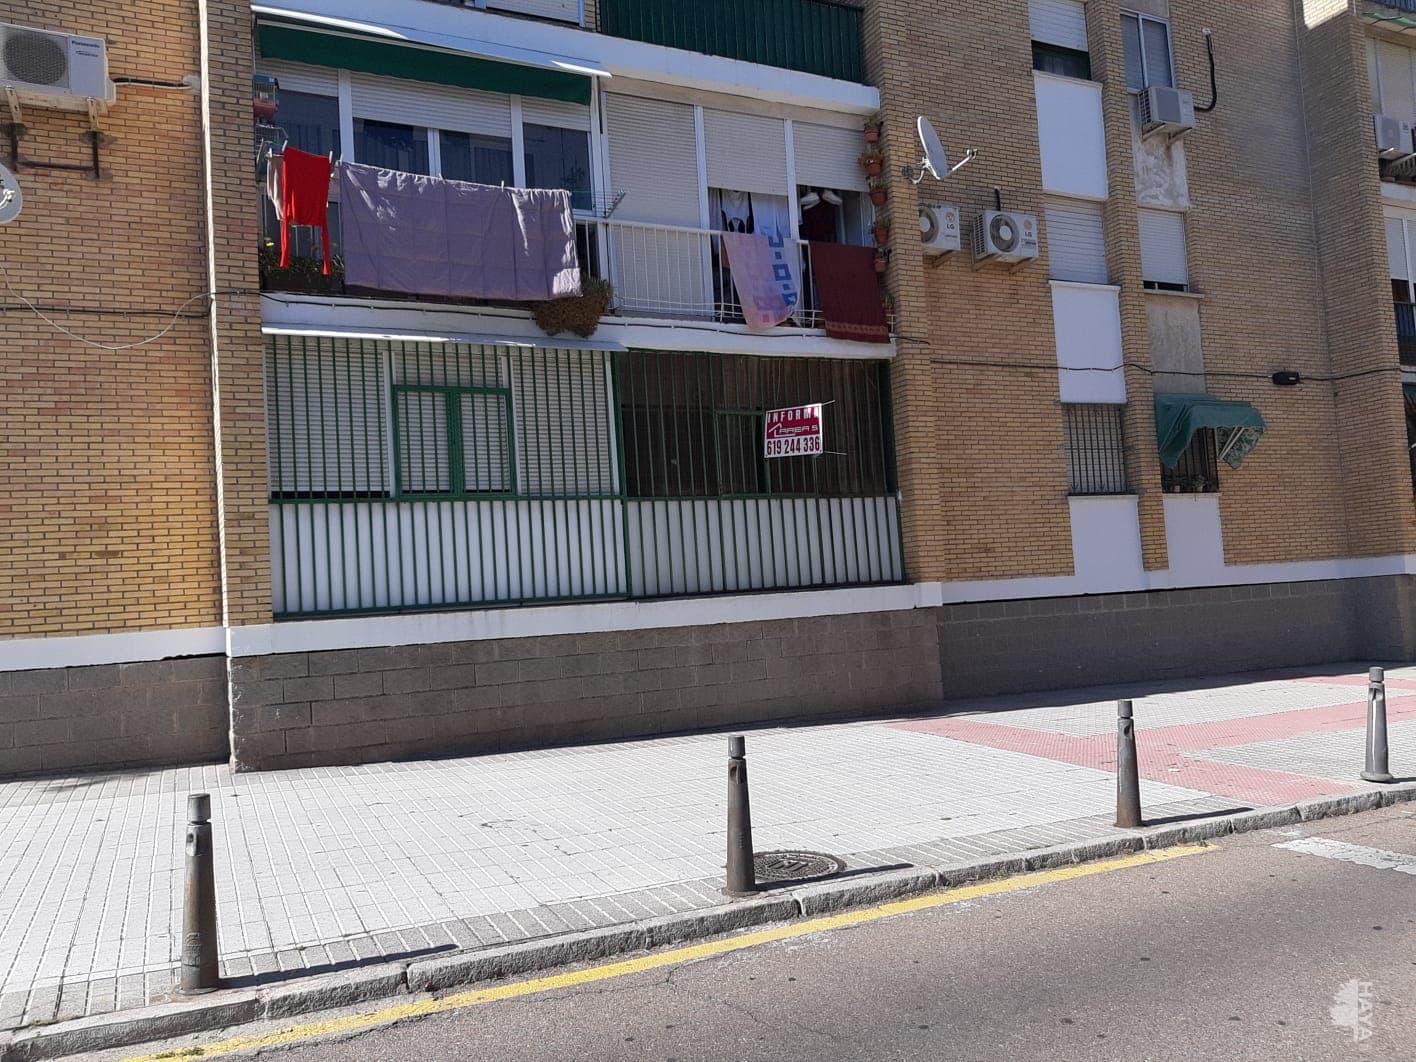 Piso en venta en Mérida, Badajoz, Calle Andres Nieto Carmona, 36.000 €, 3 habitaciones, 1 baño, 95 m2